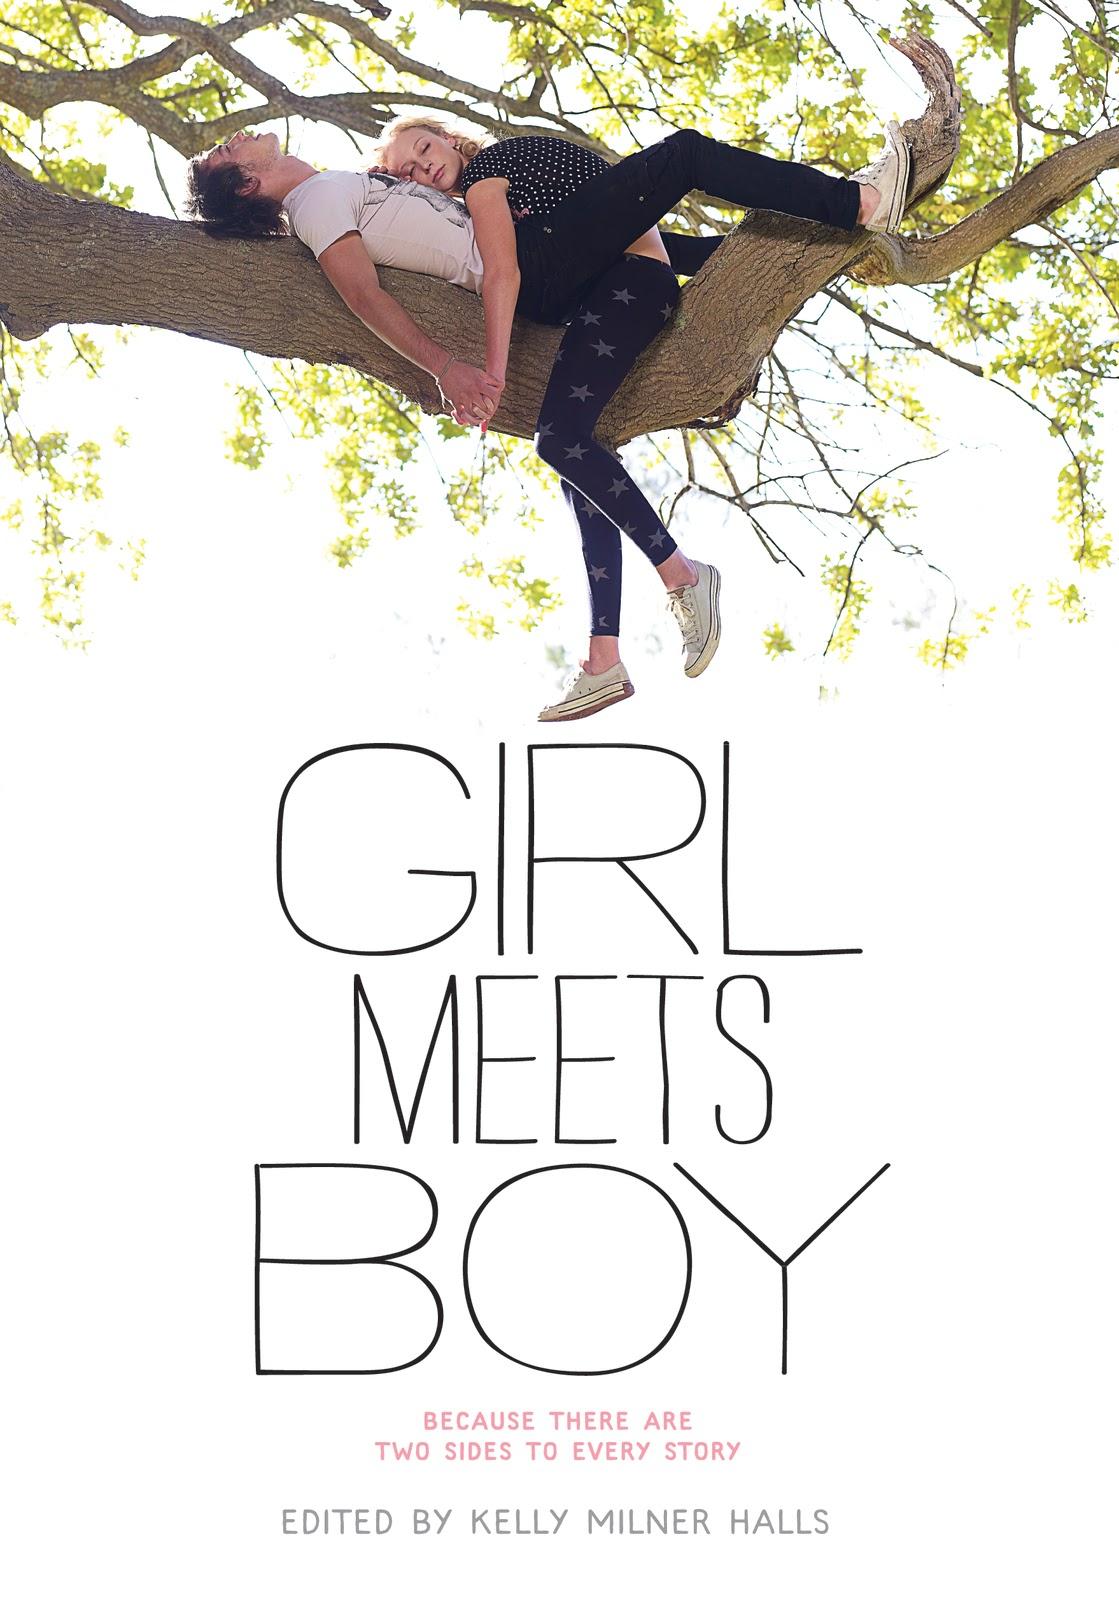 Boy and girl meet